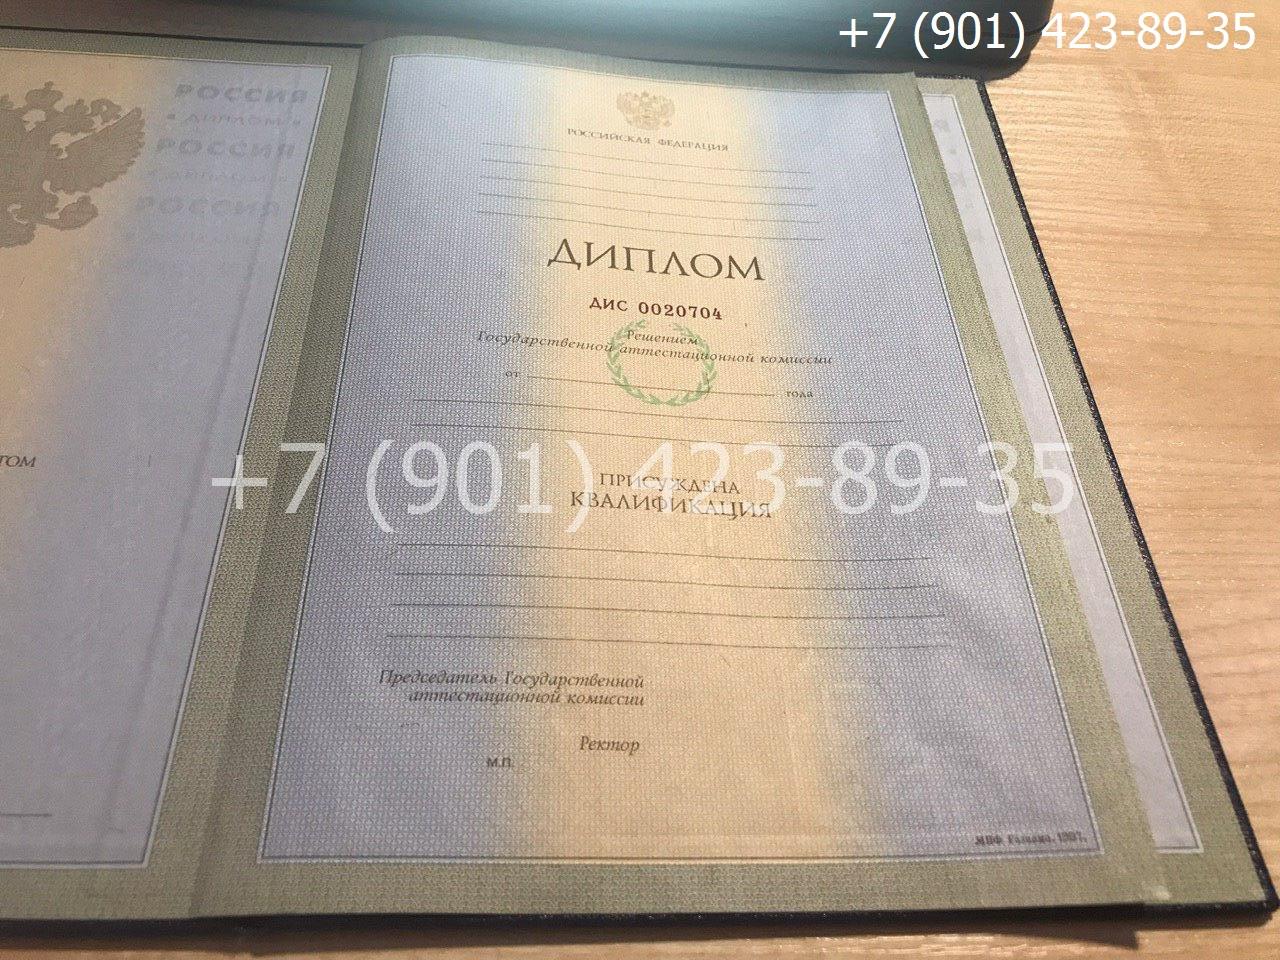 Диплом магистра 1997-2003 годов, старого образца, титульный лист